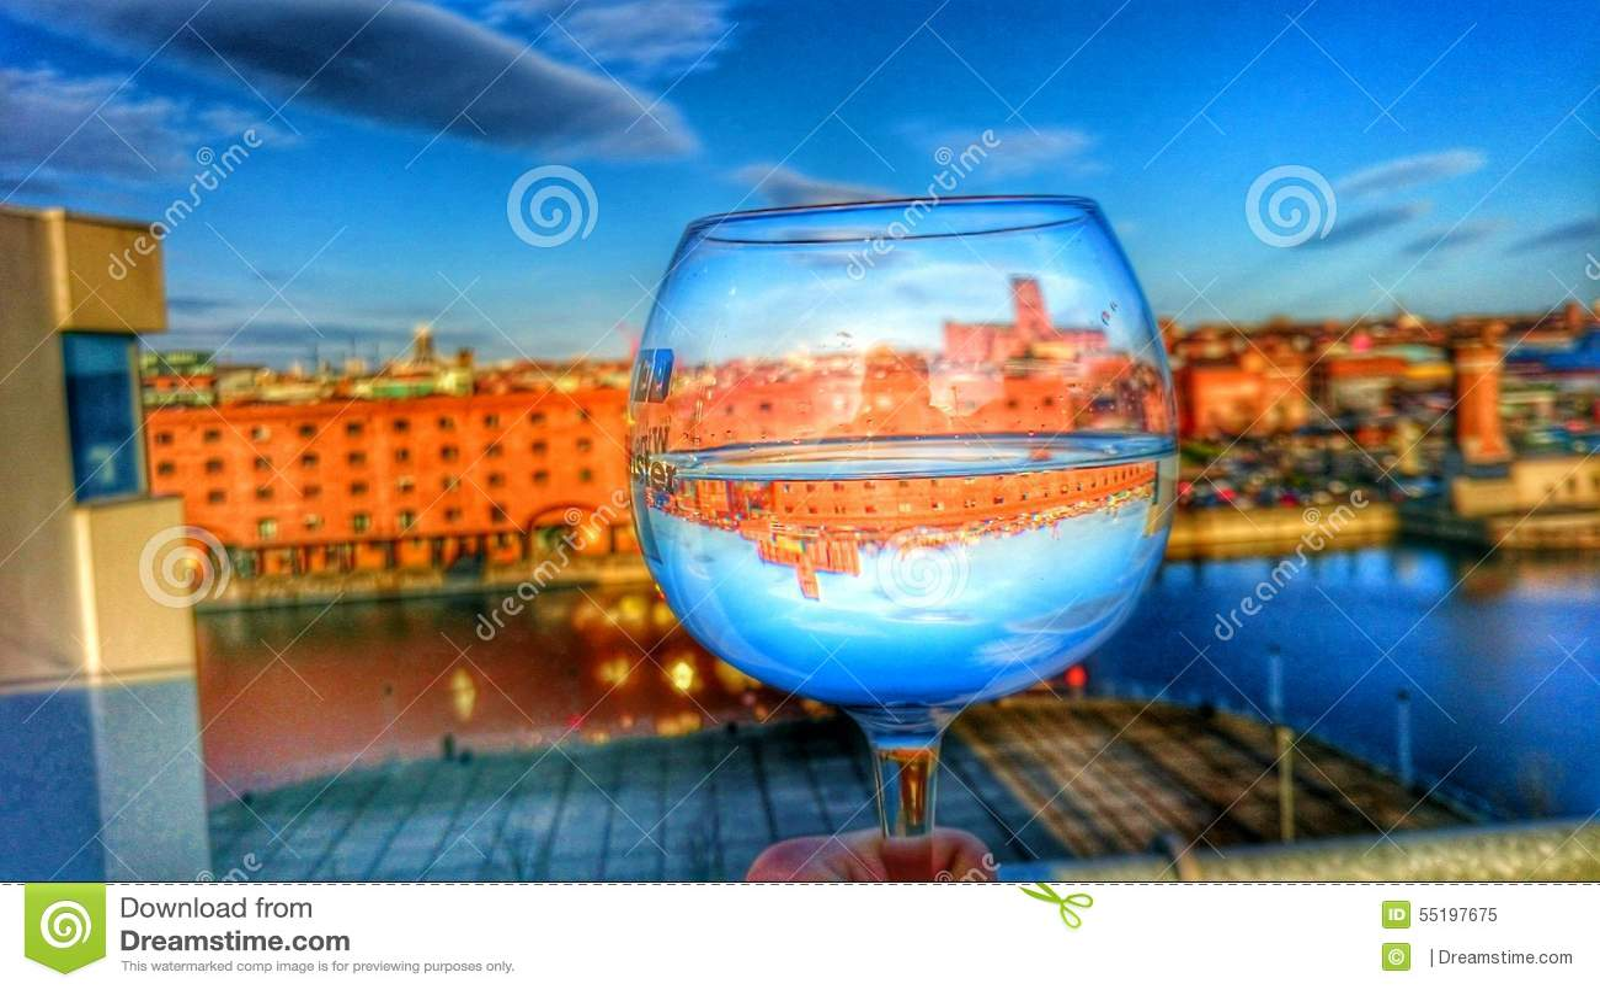 高定义酒杯摄影